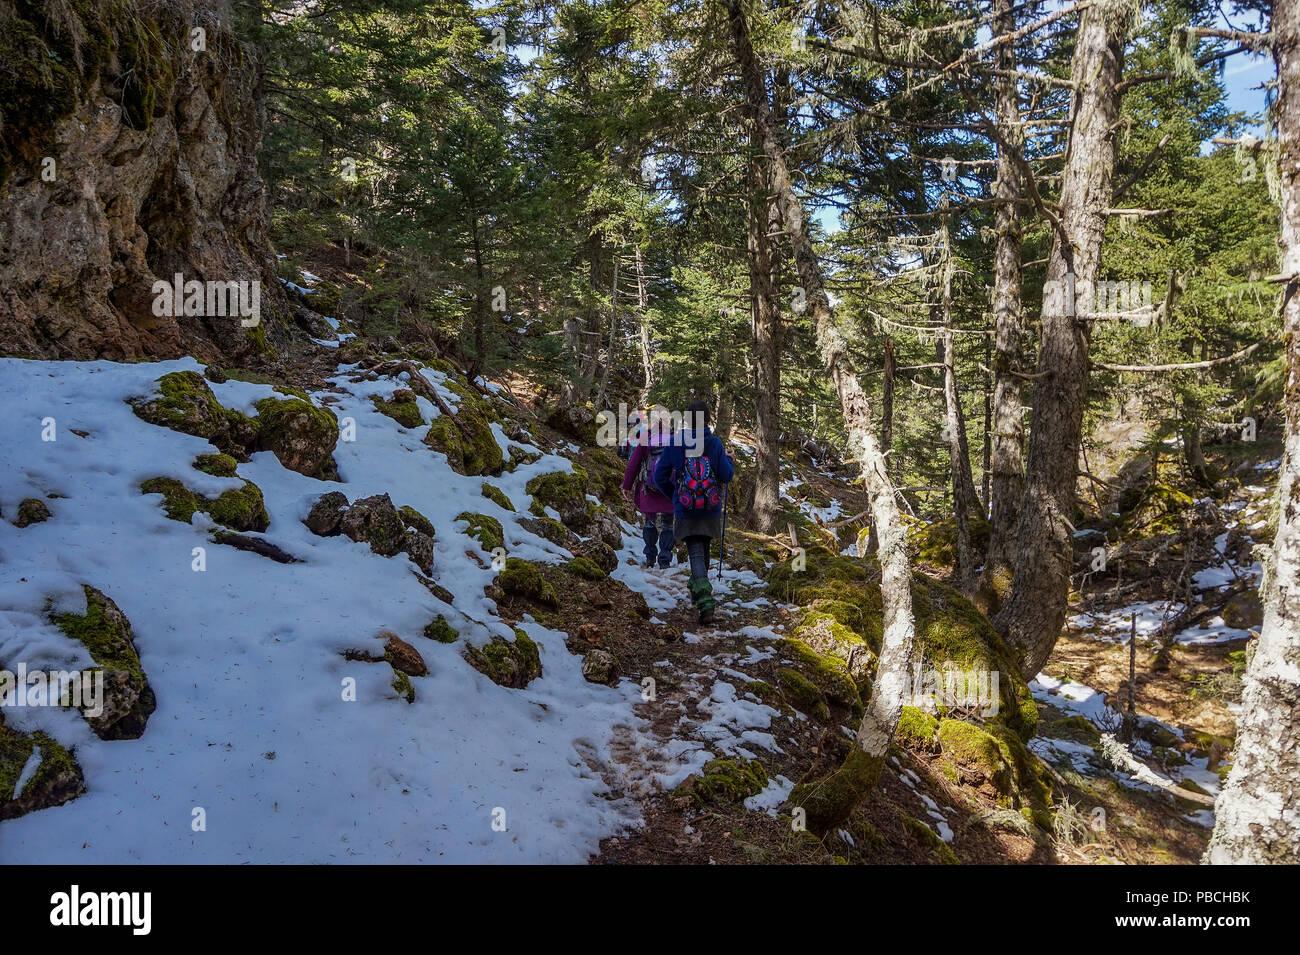 Les gens de la station de ski de randonnée de Aroania (également connu sous le nom de mont Helmos ou montagne Chelmos) en direction du grand monastère de la grotte située au-dessus de Zachlorou. Photo Stock